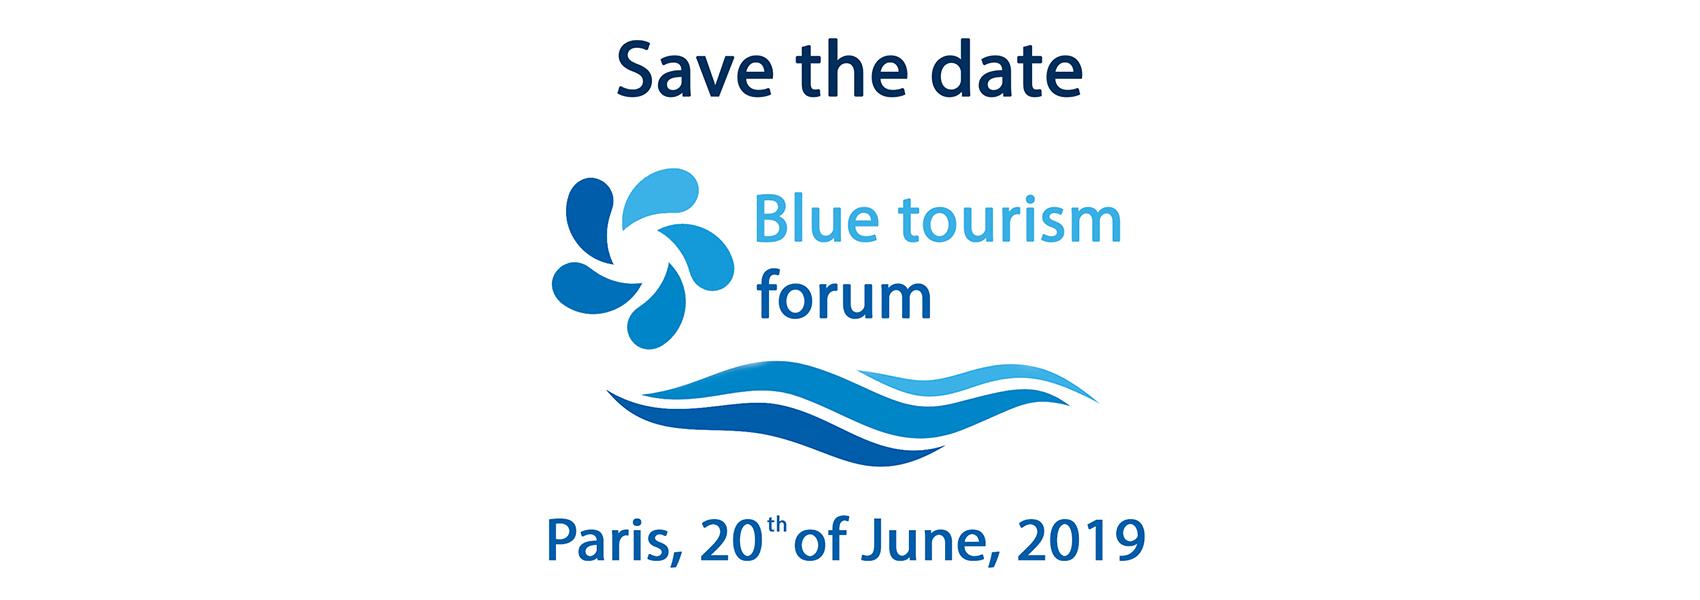 Blue Tourism Forum, 20 June 2019, Paris